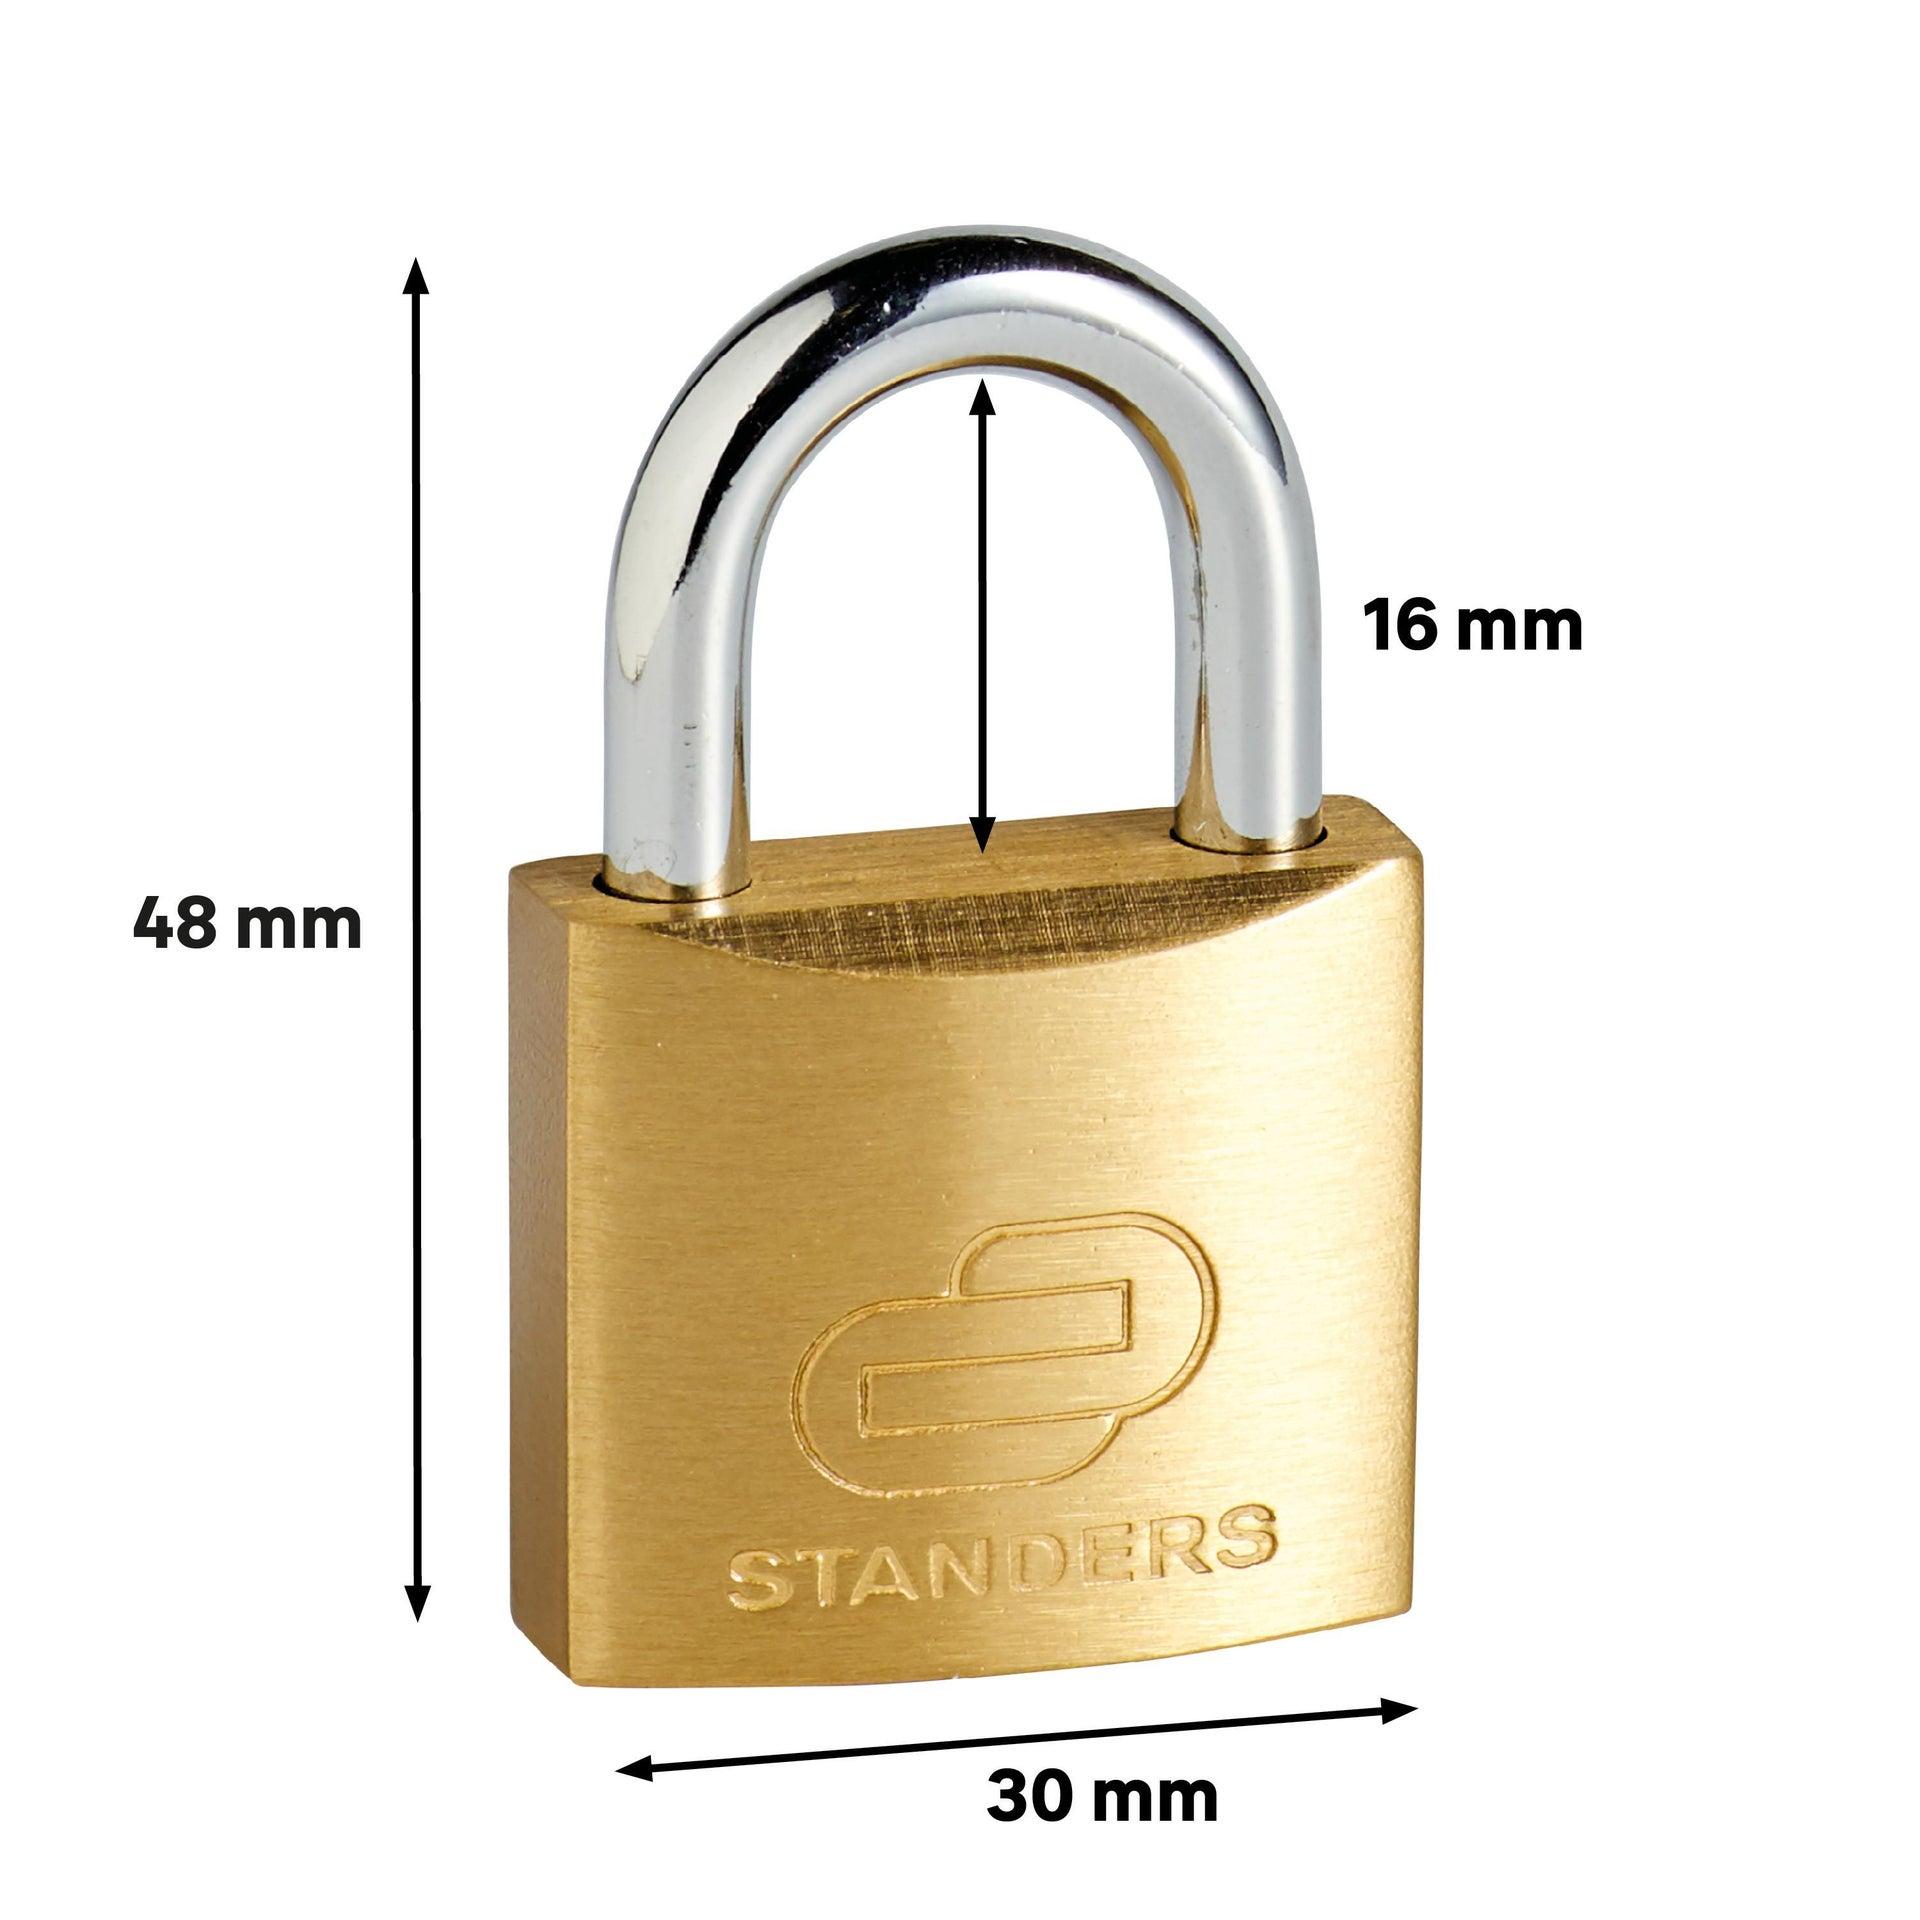 Lucchetto con chiave STANDERS in ottone x L 15 x Ø 5 mm - 6